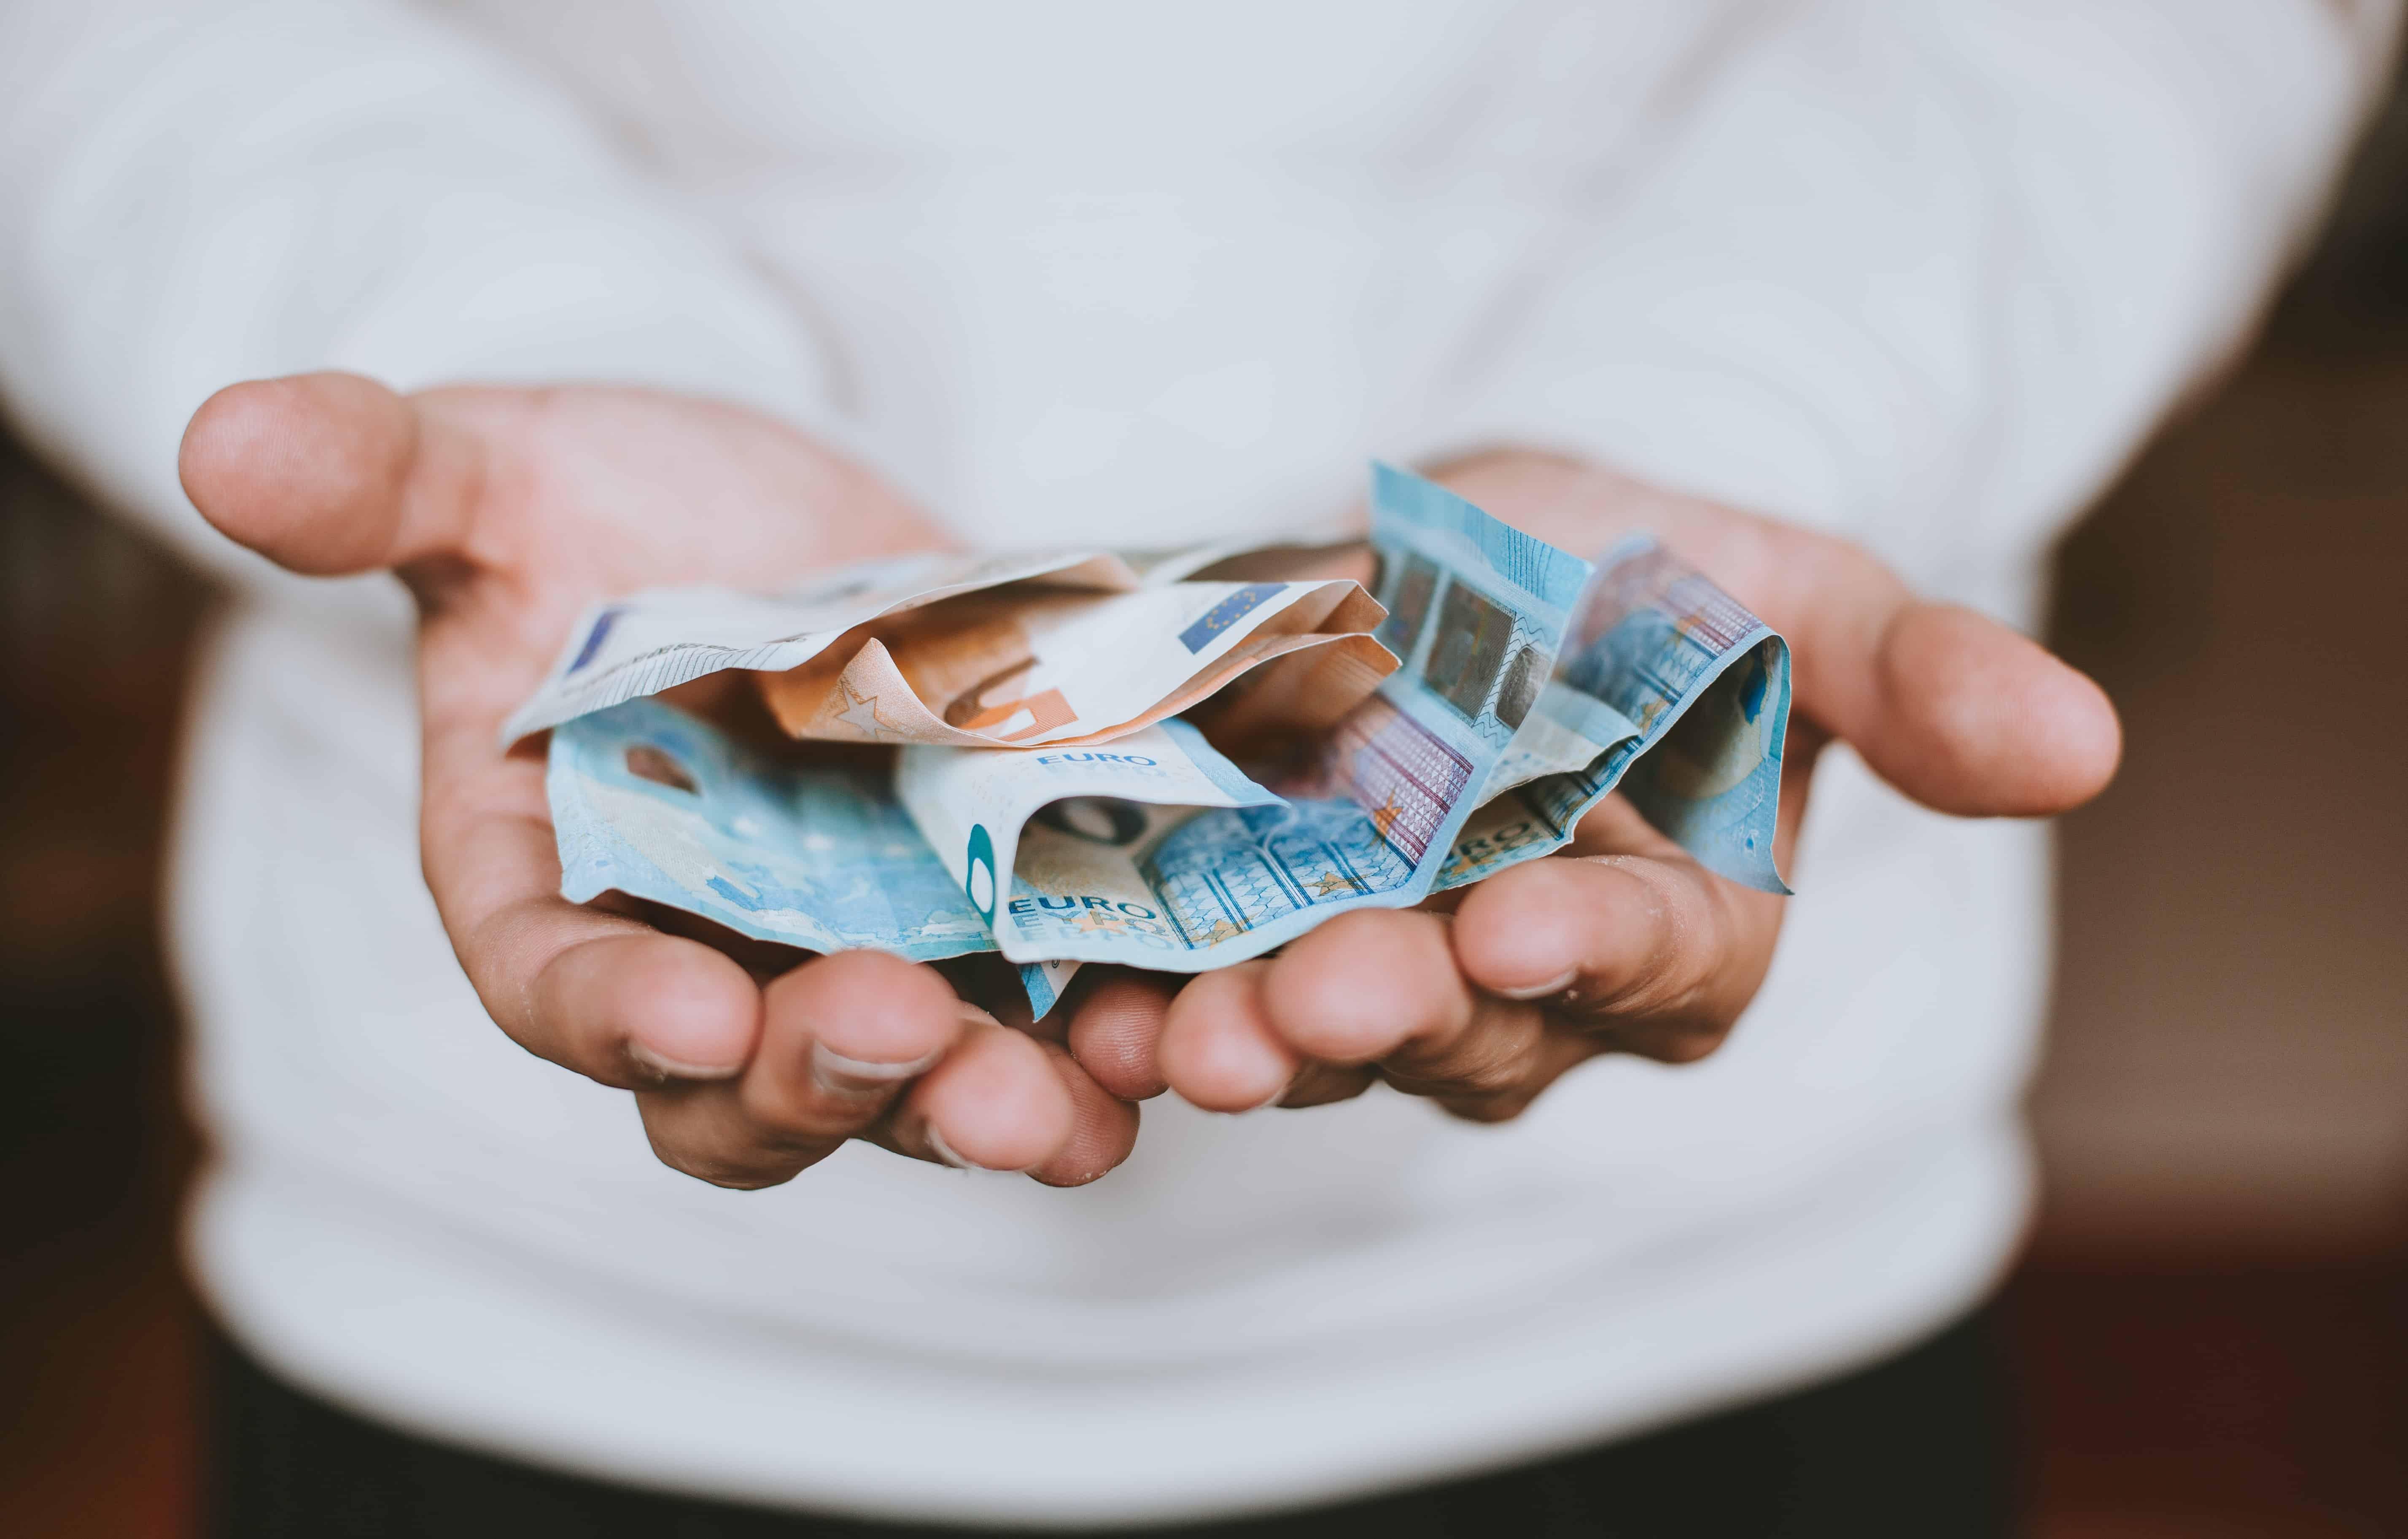 Lideri în mobilizarea veniturilor suplimentare Voi câștiga mulți bani